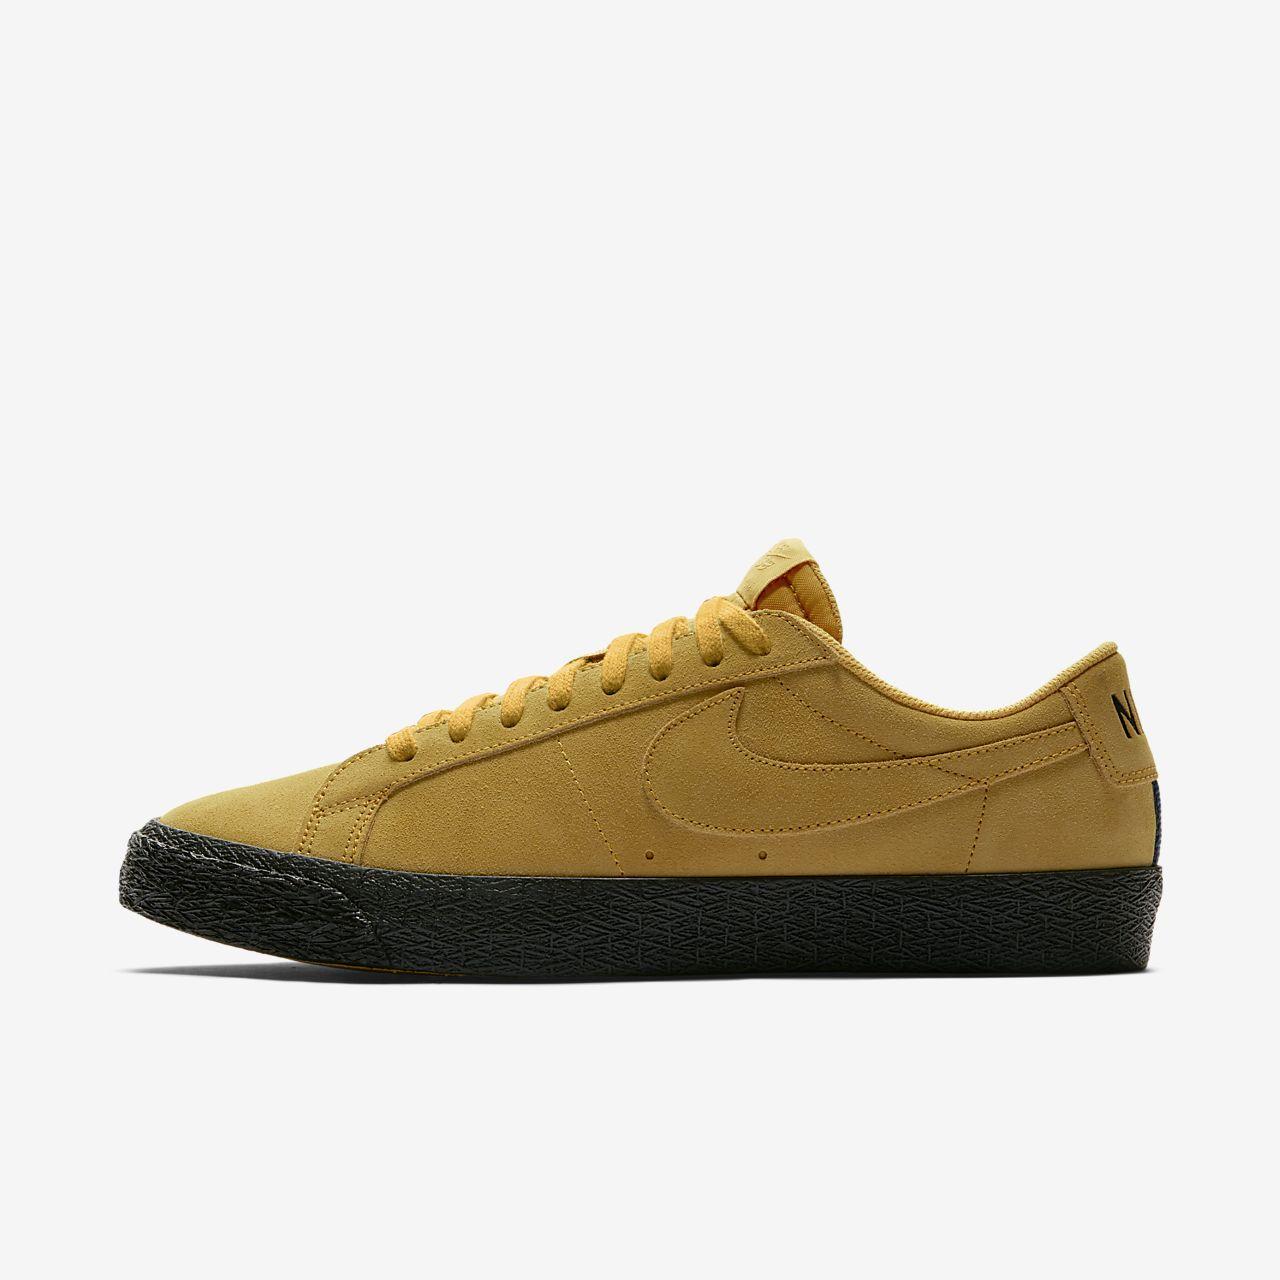 Nike SB Blazer Zoom Low Erkek Kaykay Ayakkabısı